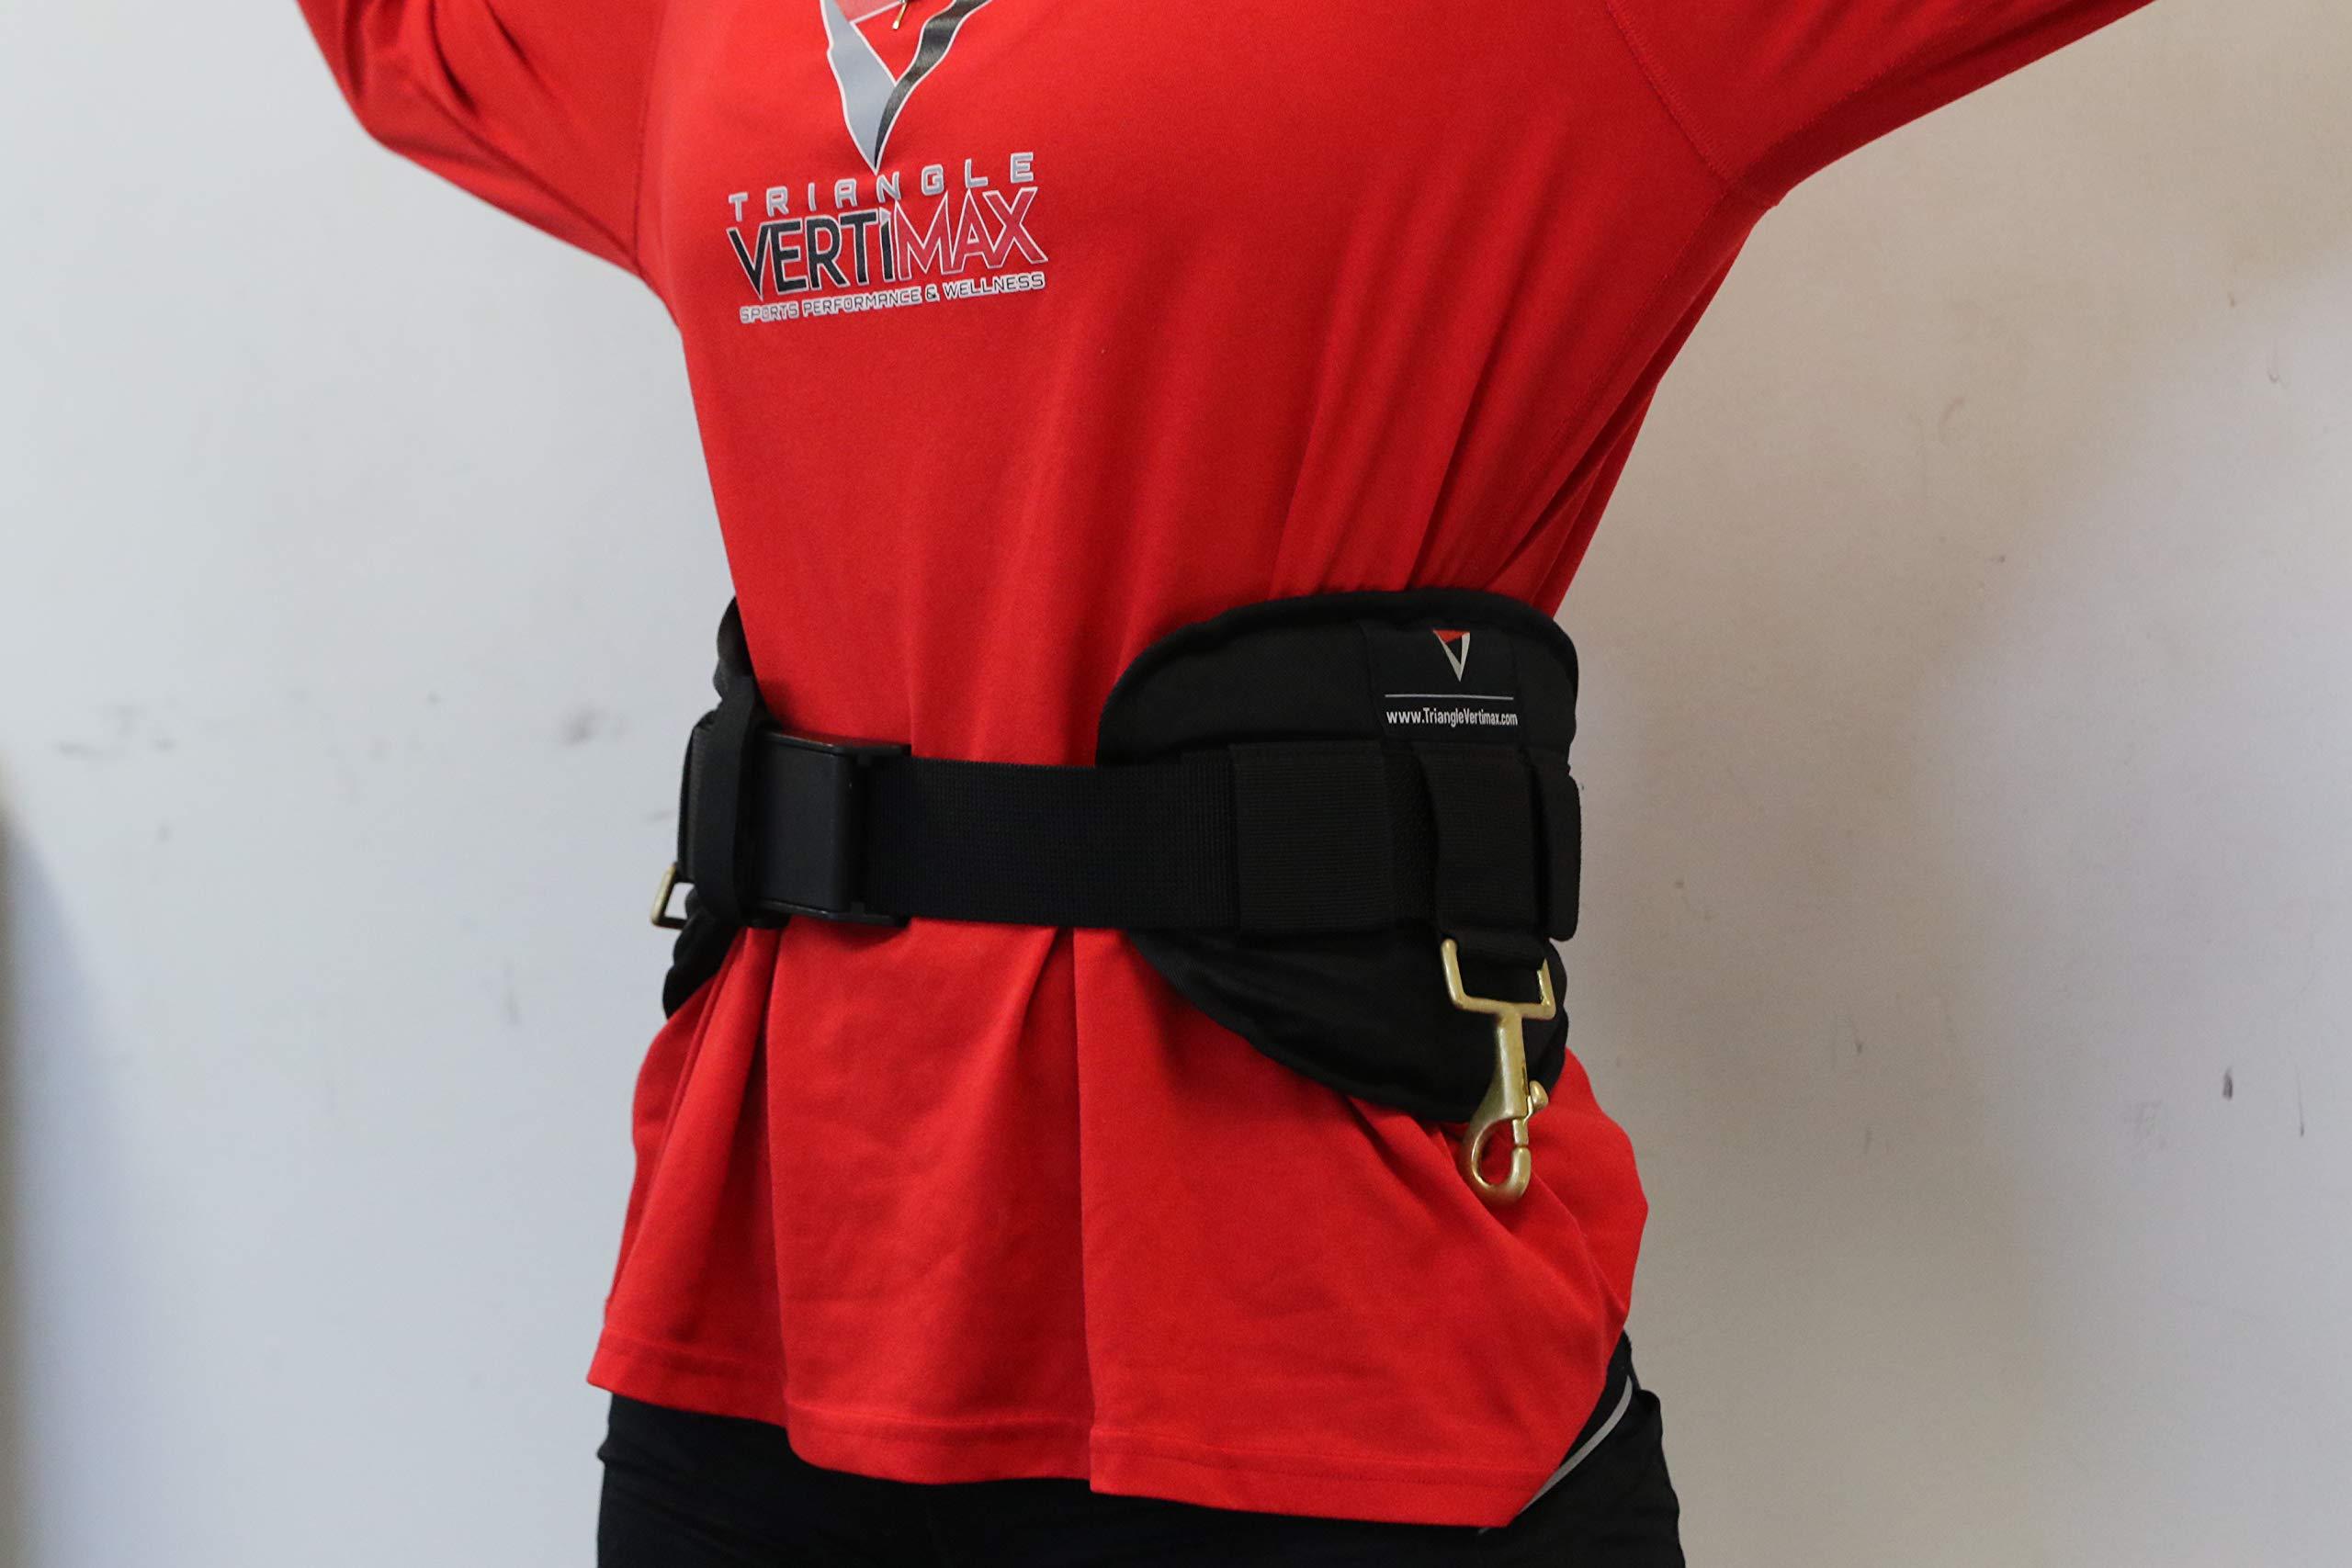 Triangle Sports Performance & Wellness Regular Premium Deluxe Waist Harness for Just Jump Belt, Run Rocket Belt, VertiMax Belt & FieldPower Belt Training Systems - 24'' to 42'' Waist